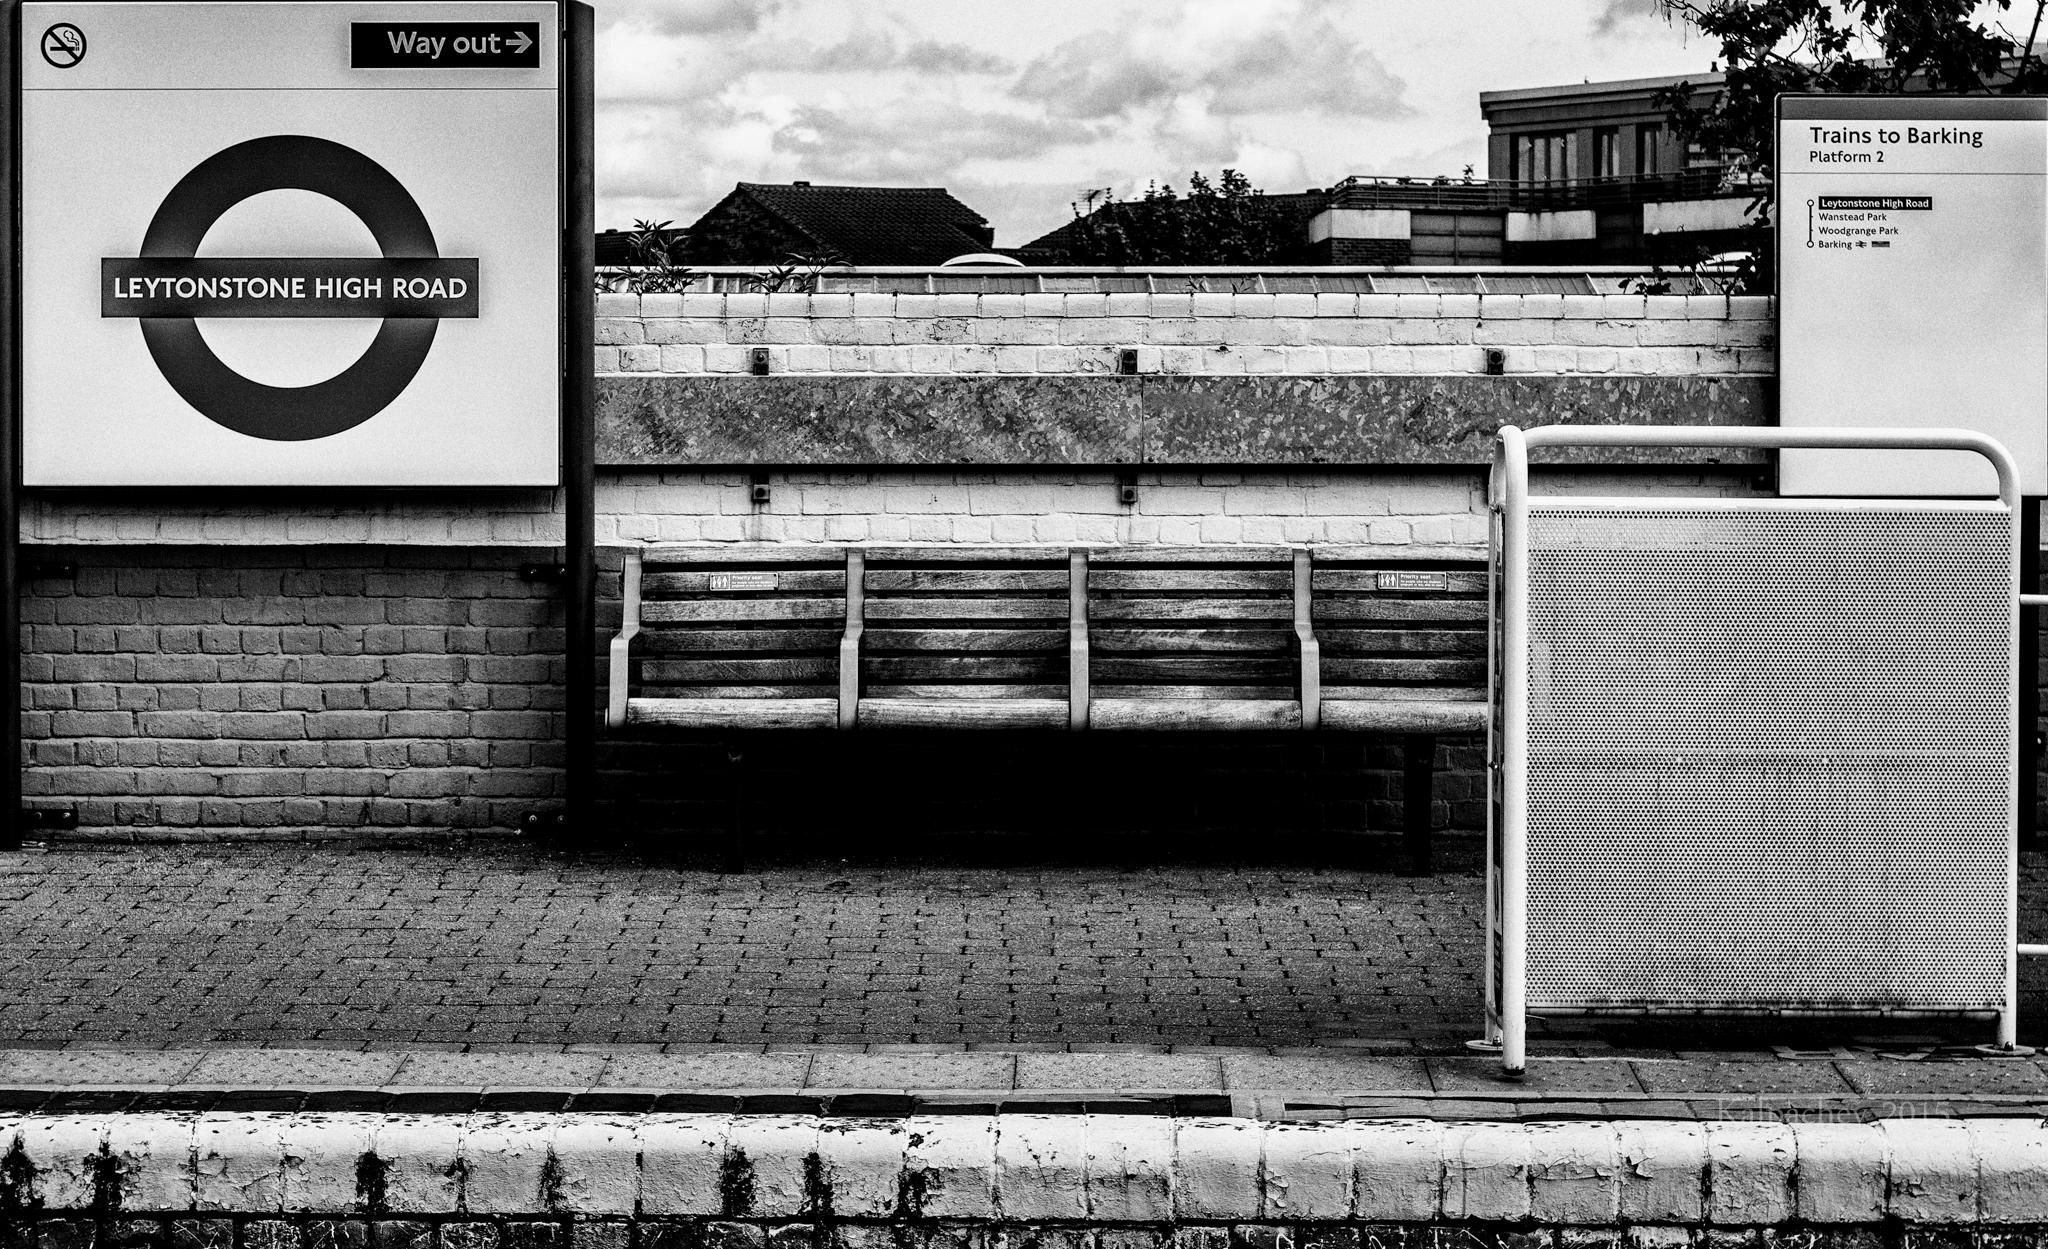 Leytonstone Overground station